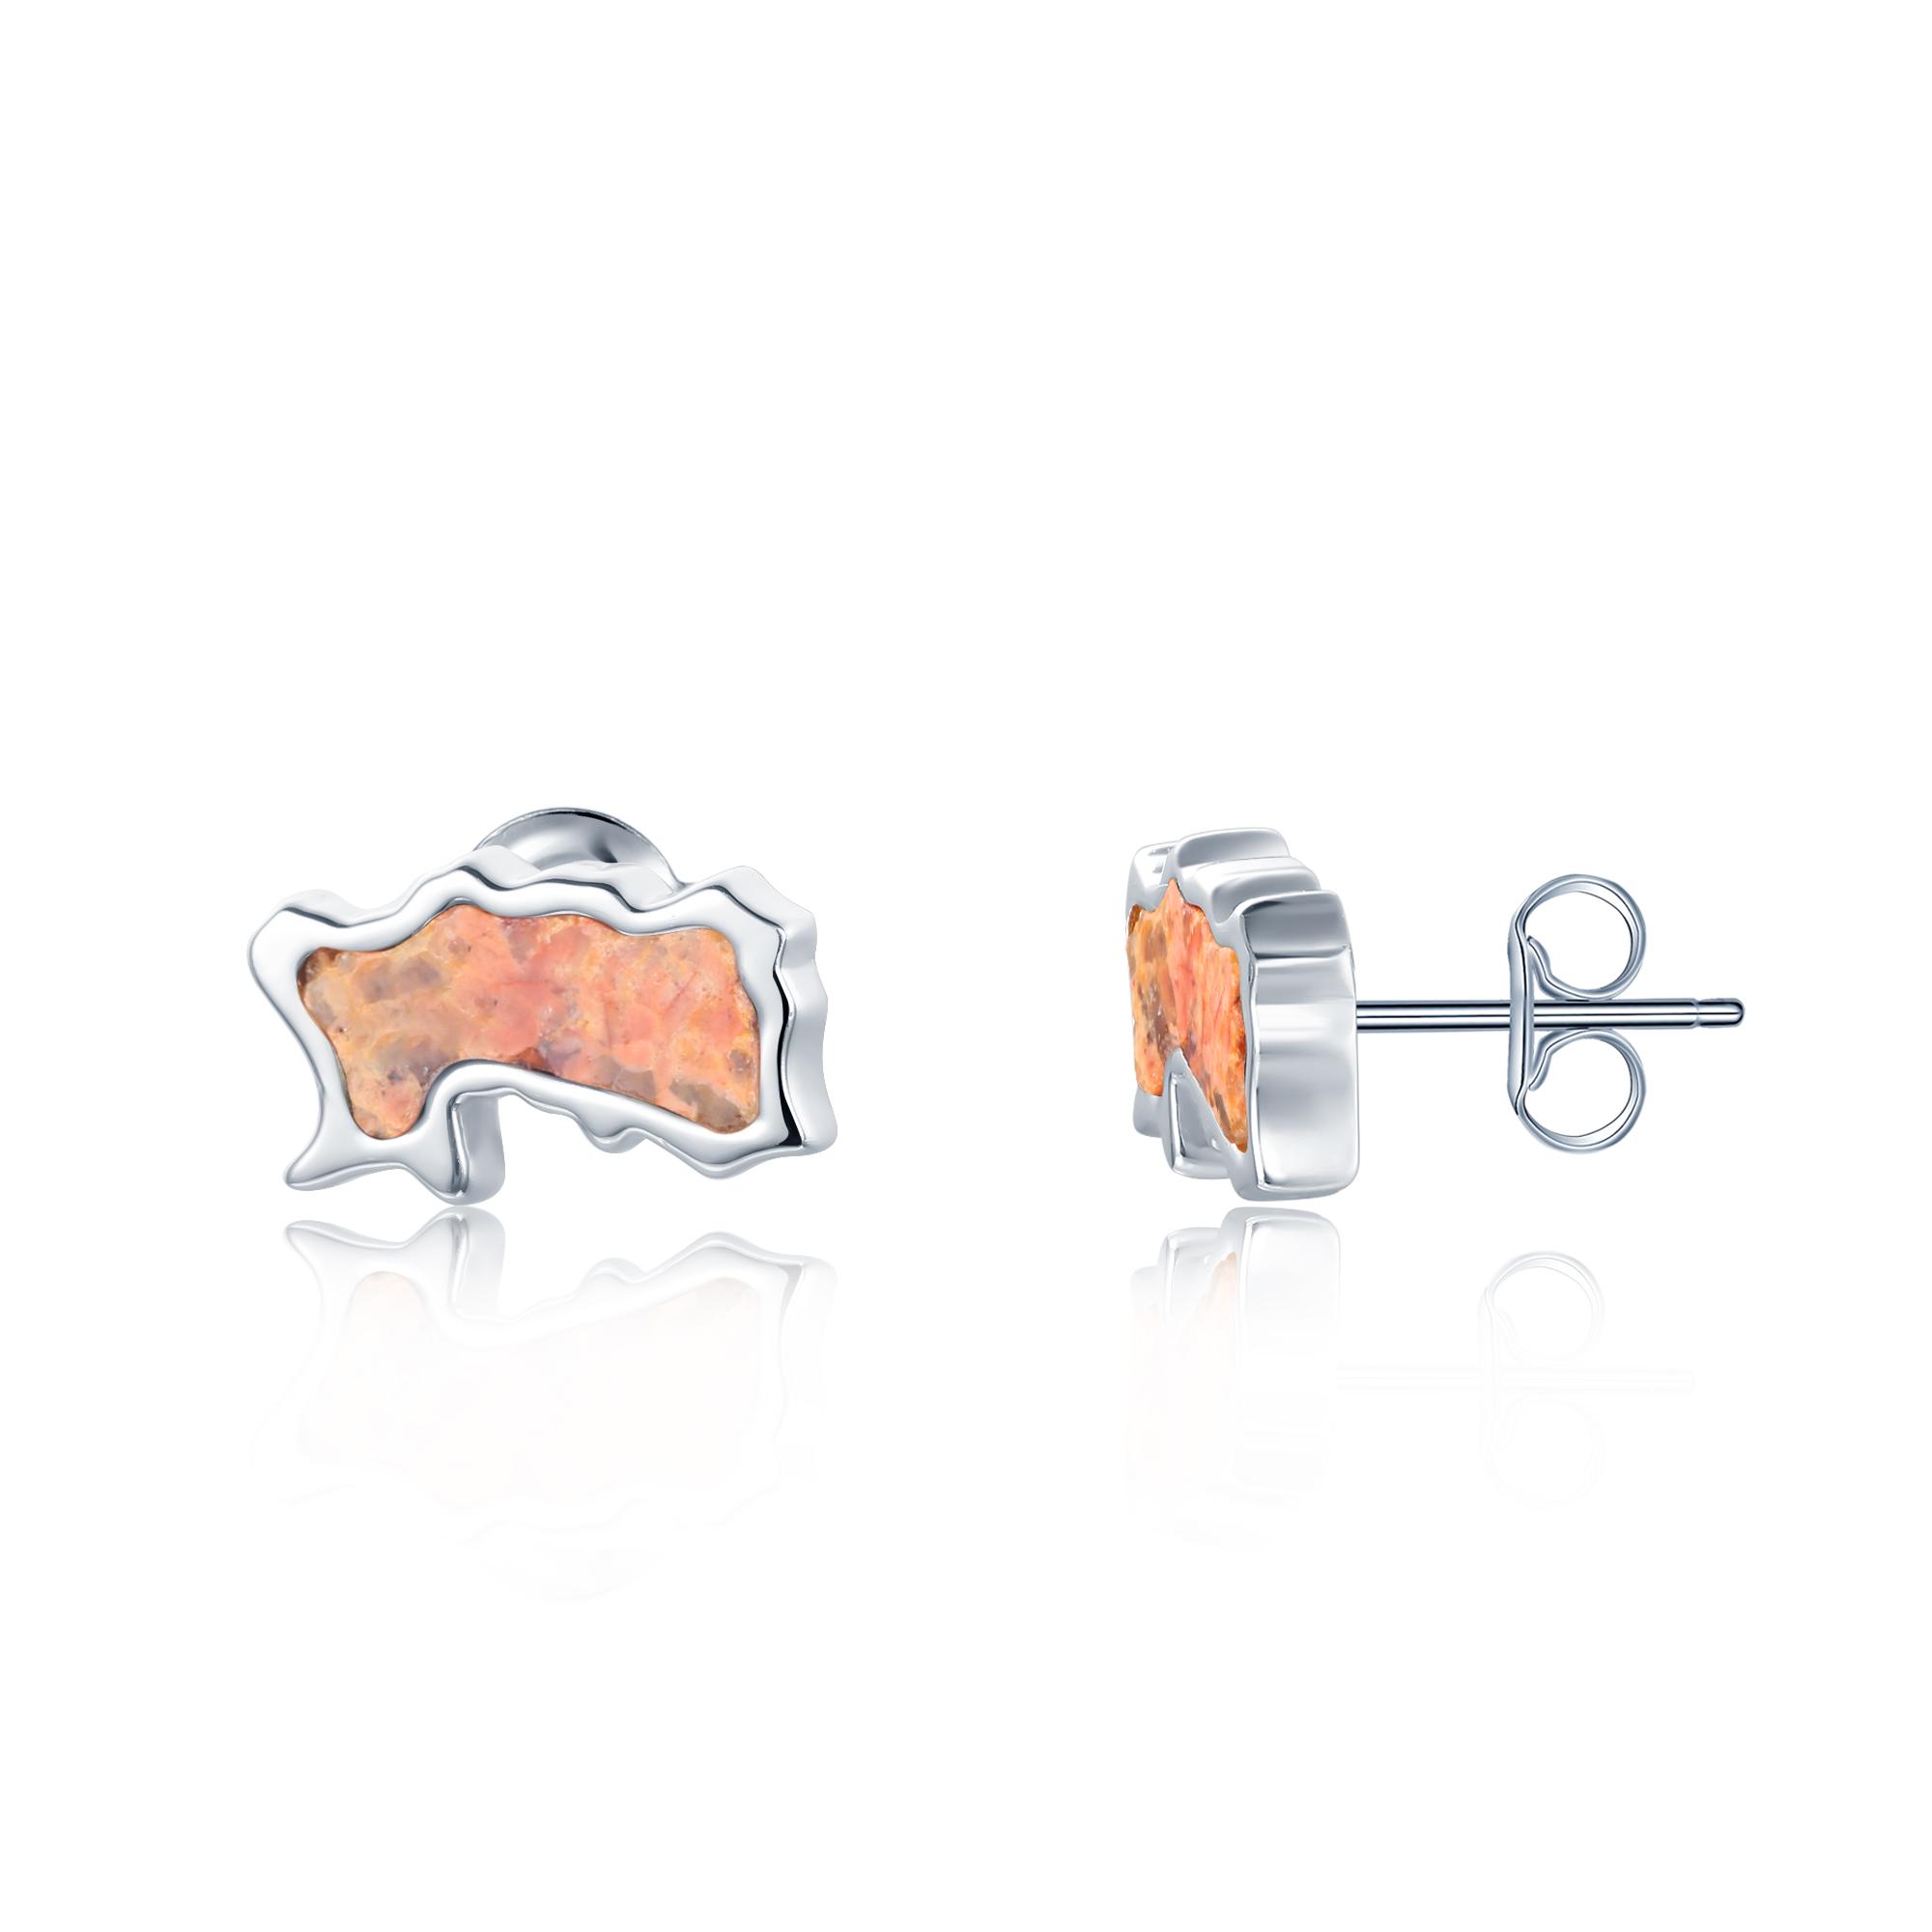 Jersey Island Earring